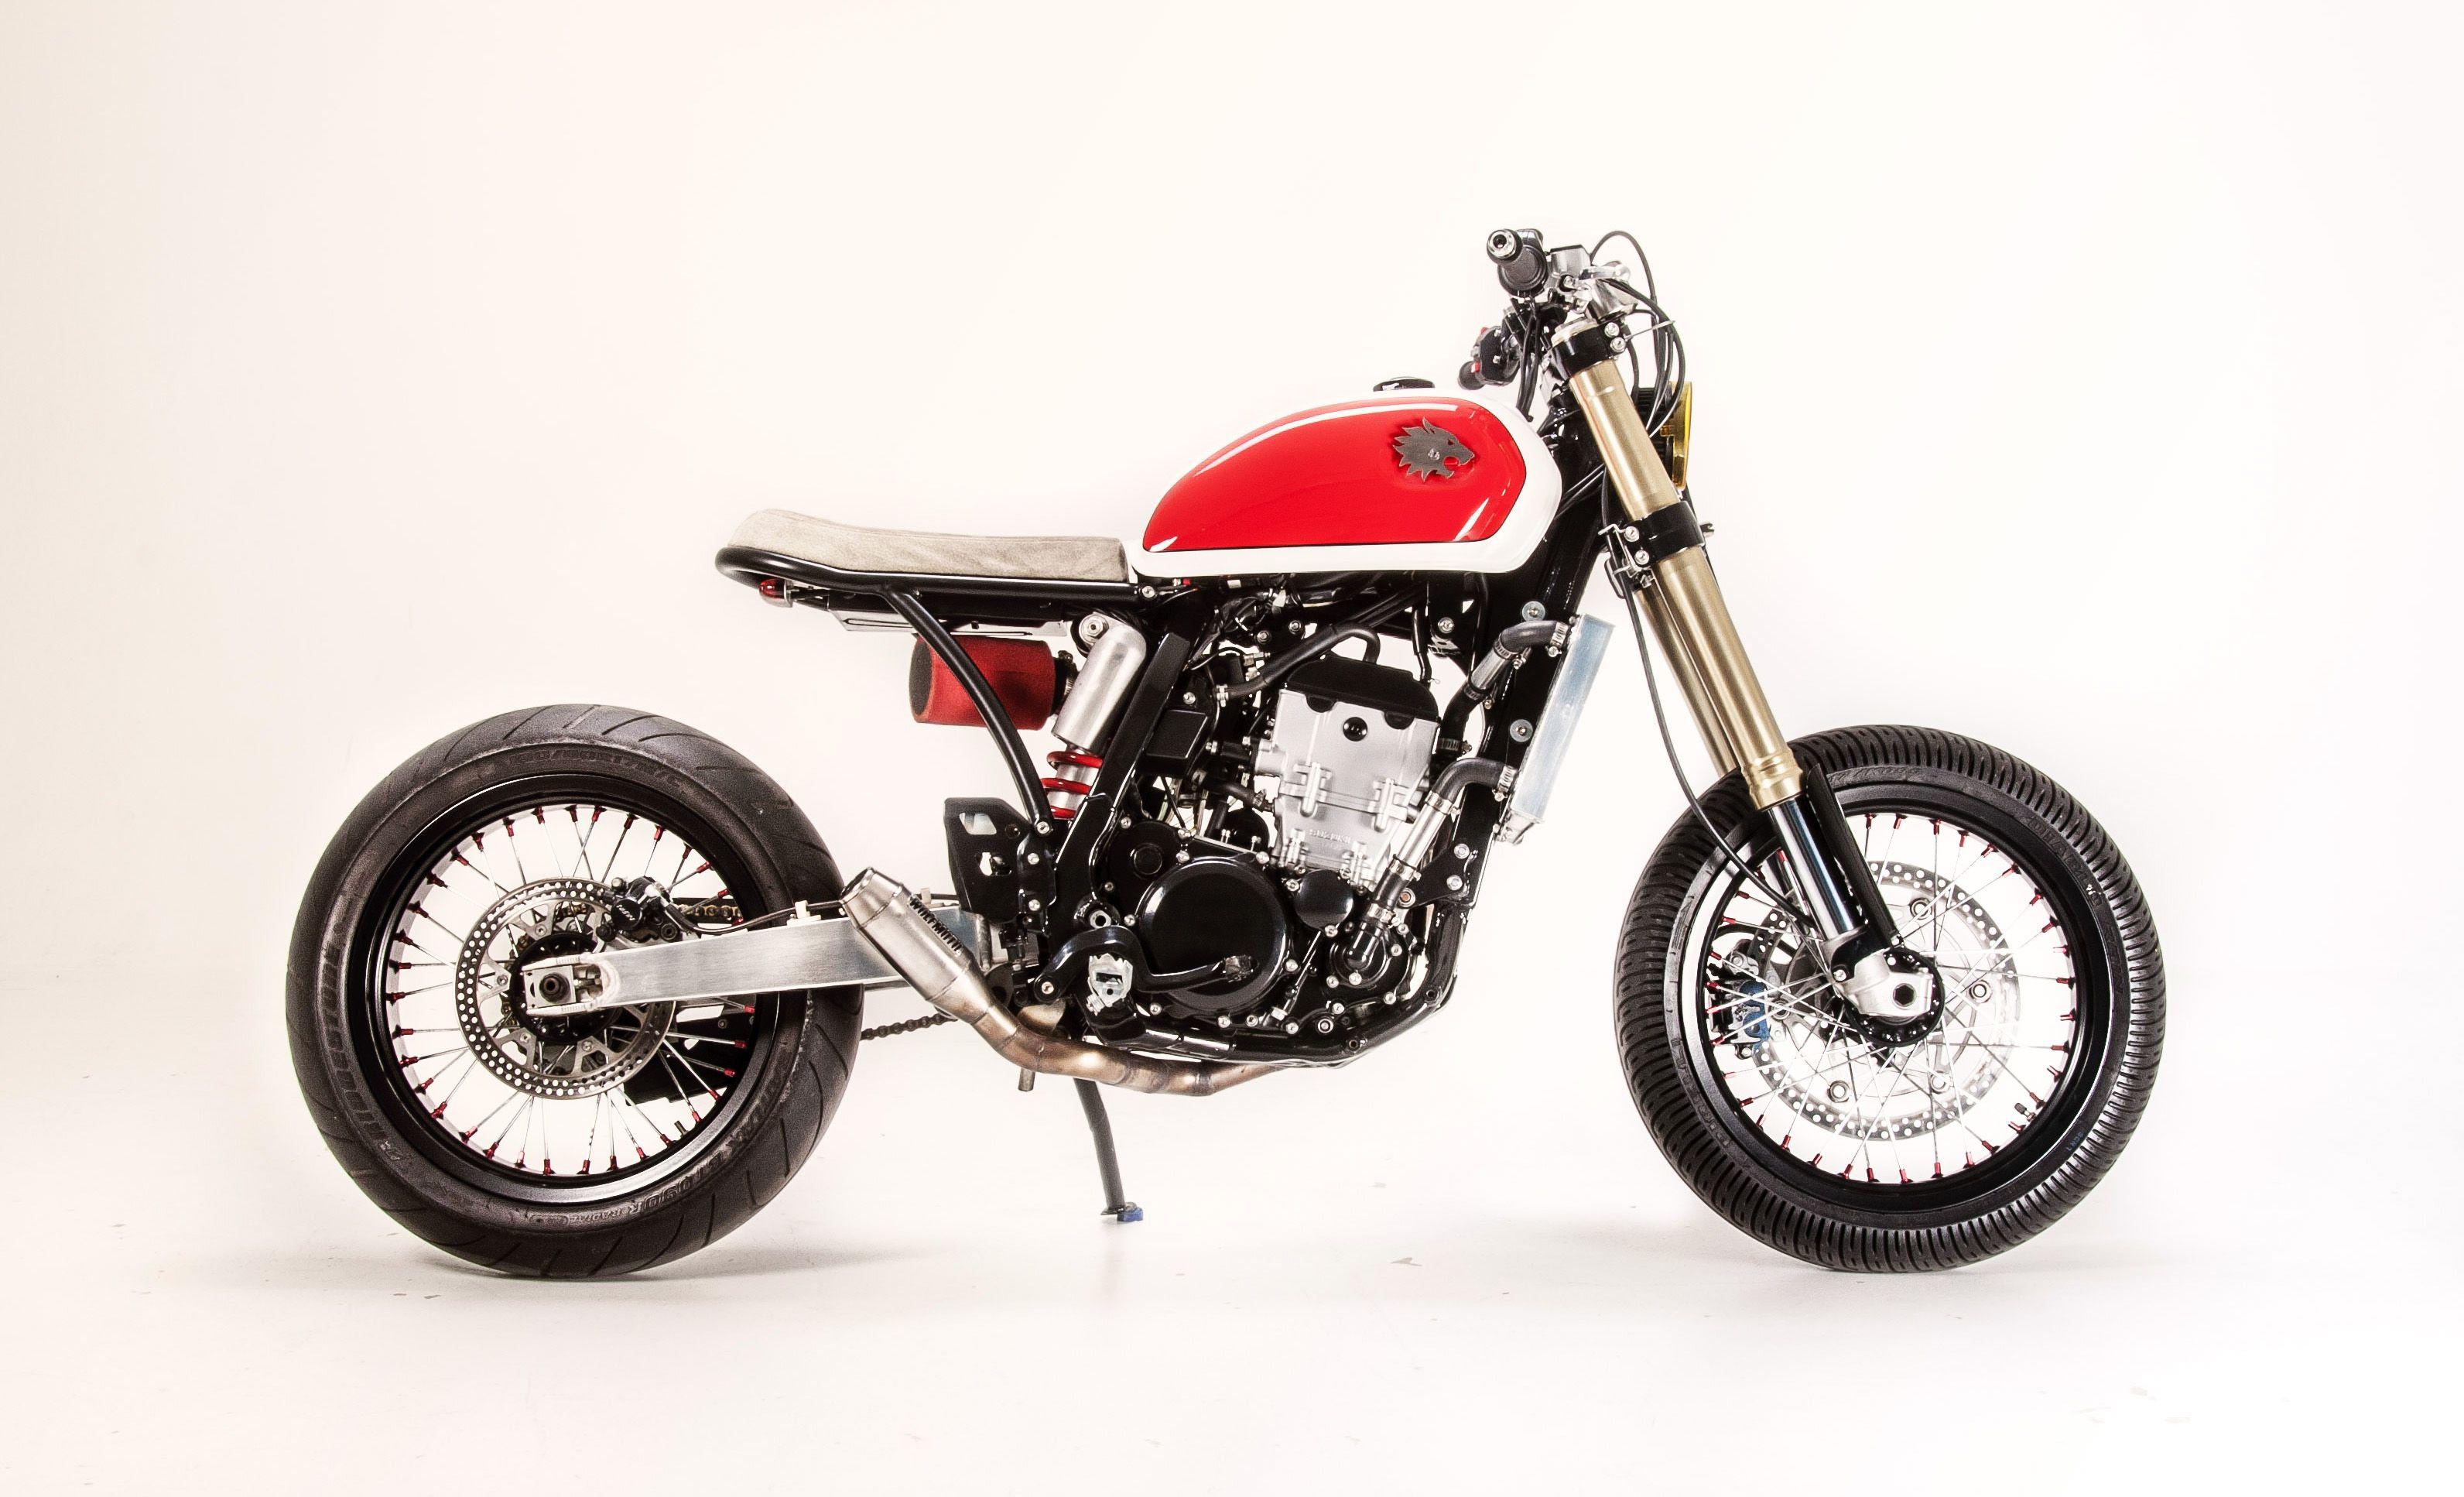 2001 suzuki drz 400 e a cafe racer based on enduro bike. Black Bedroom Furniture Sets. Home Design Ideas